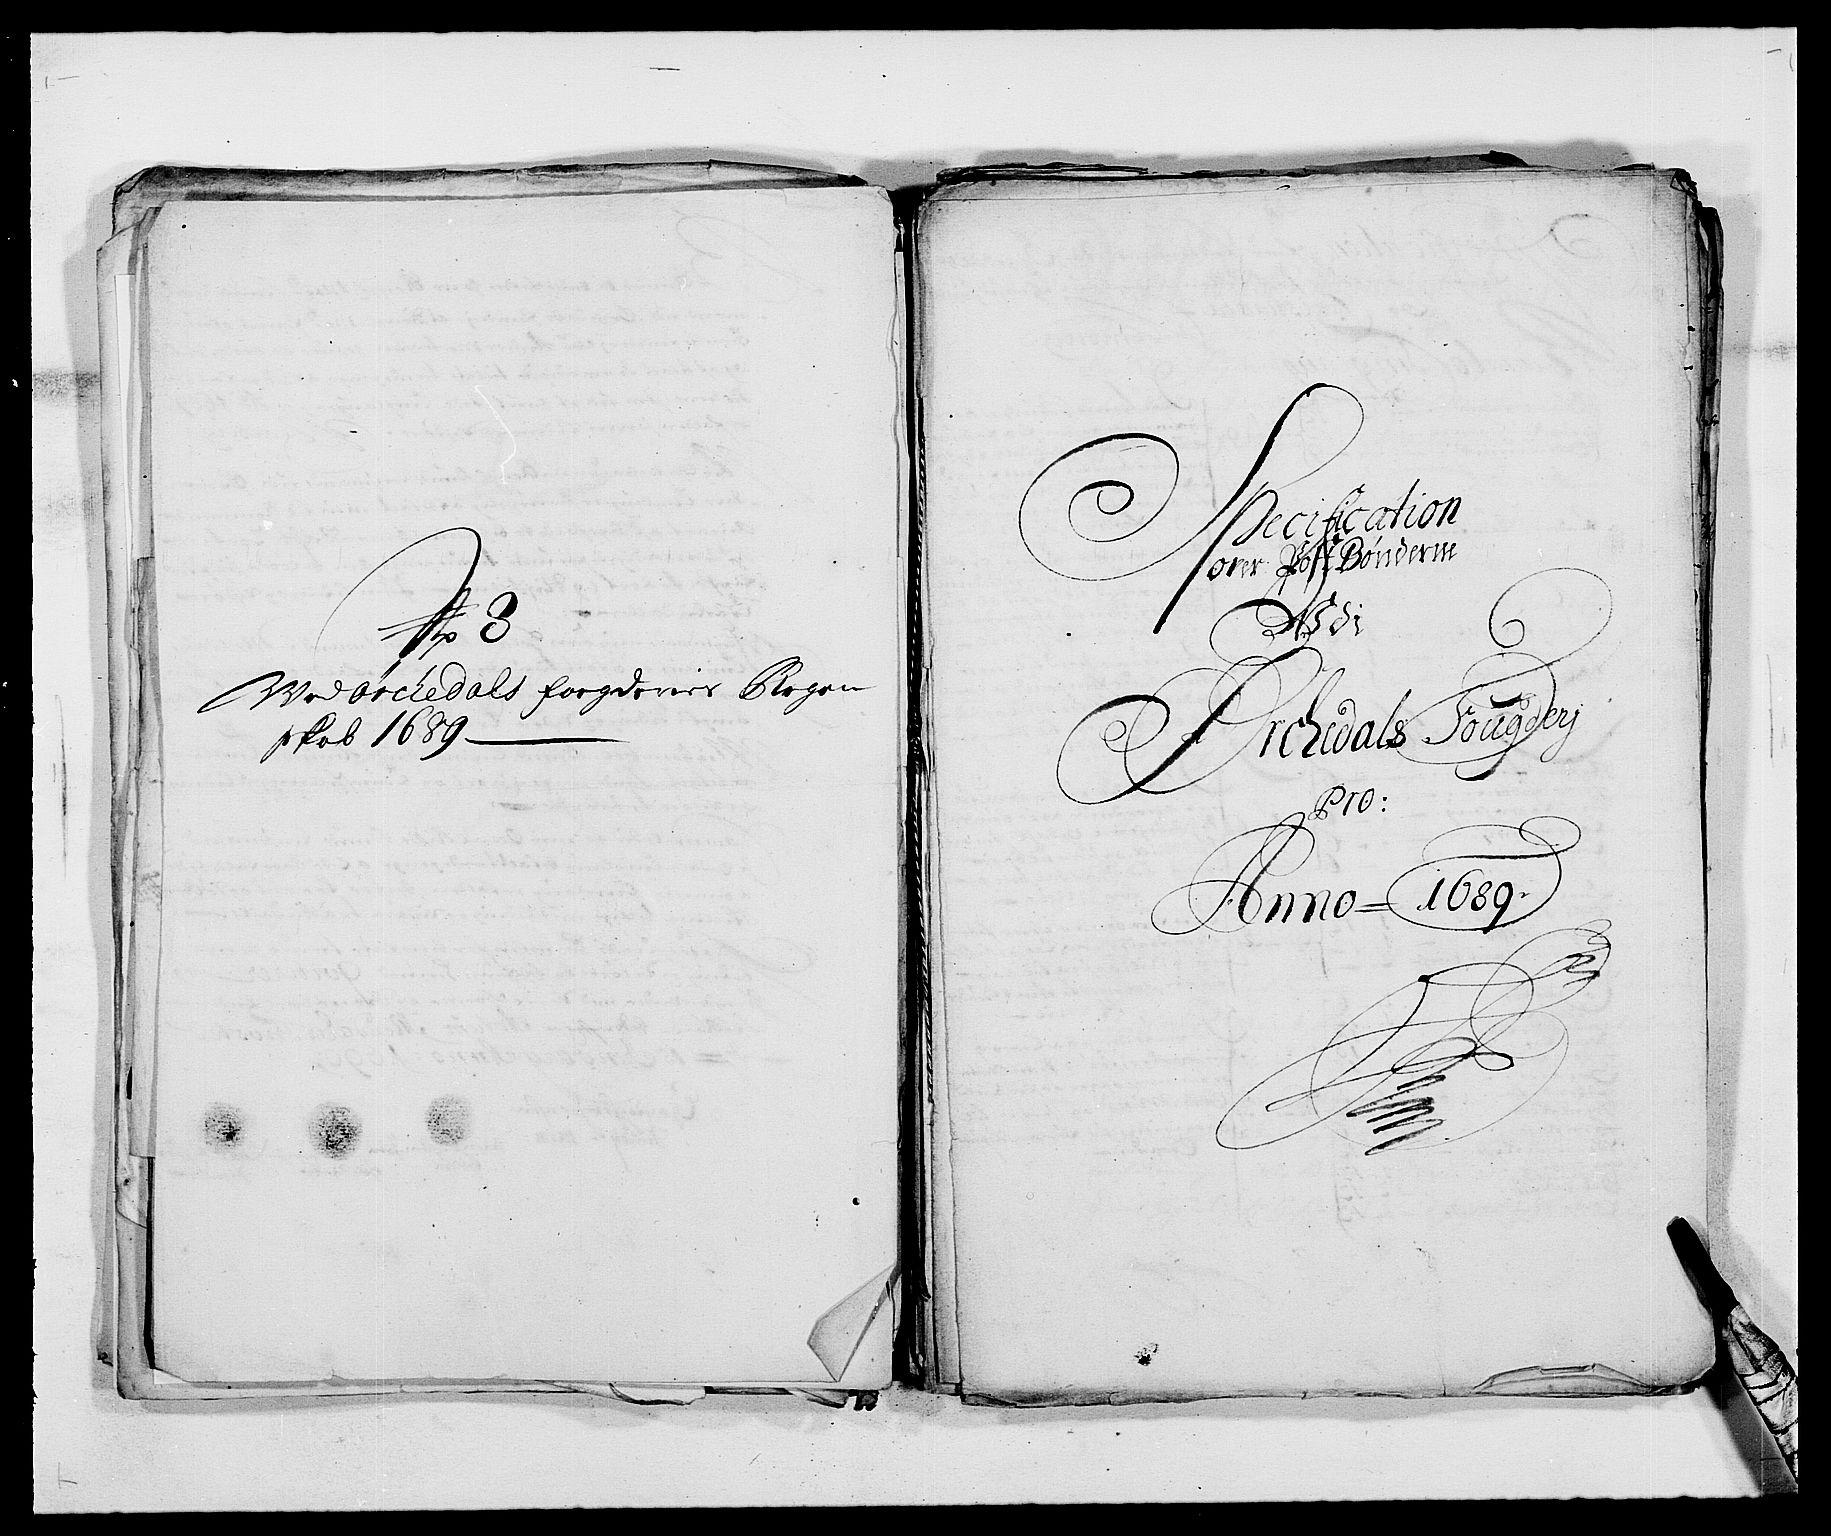 RA, Rentekammeret inntil 1814, Reviderte regnskaper, Fogderegnskap, R58/L3936: Fogderegnskap Orkdal, 1689-1690, s. 191